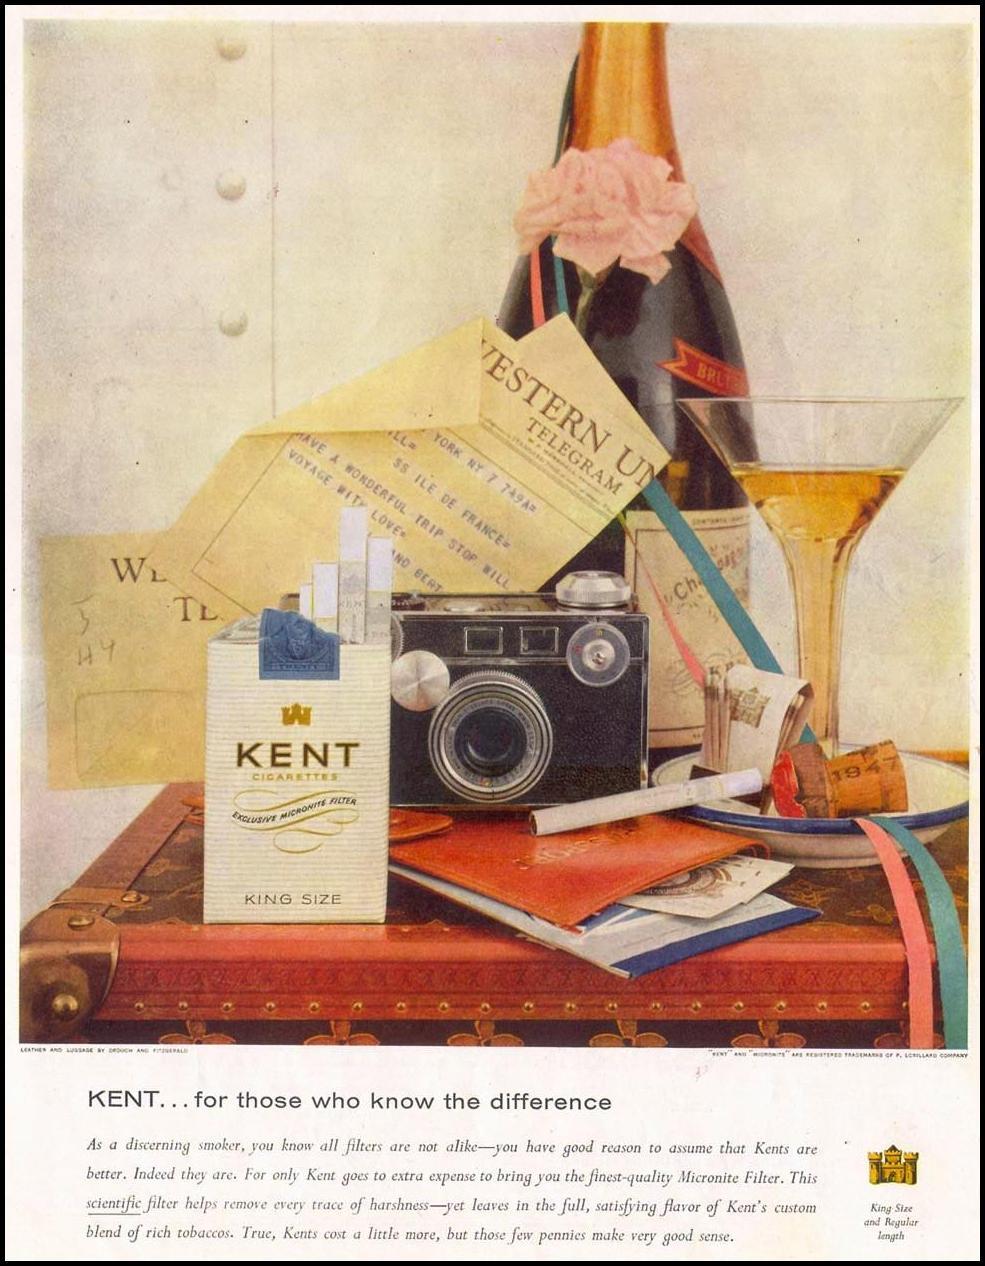 KENT CIGARETTES LIFE 10/29/1955 p. 55